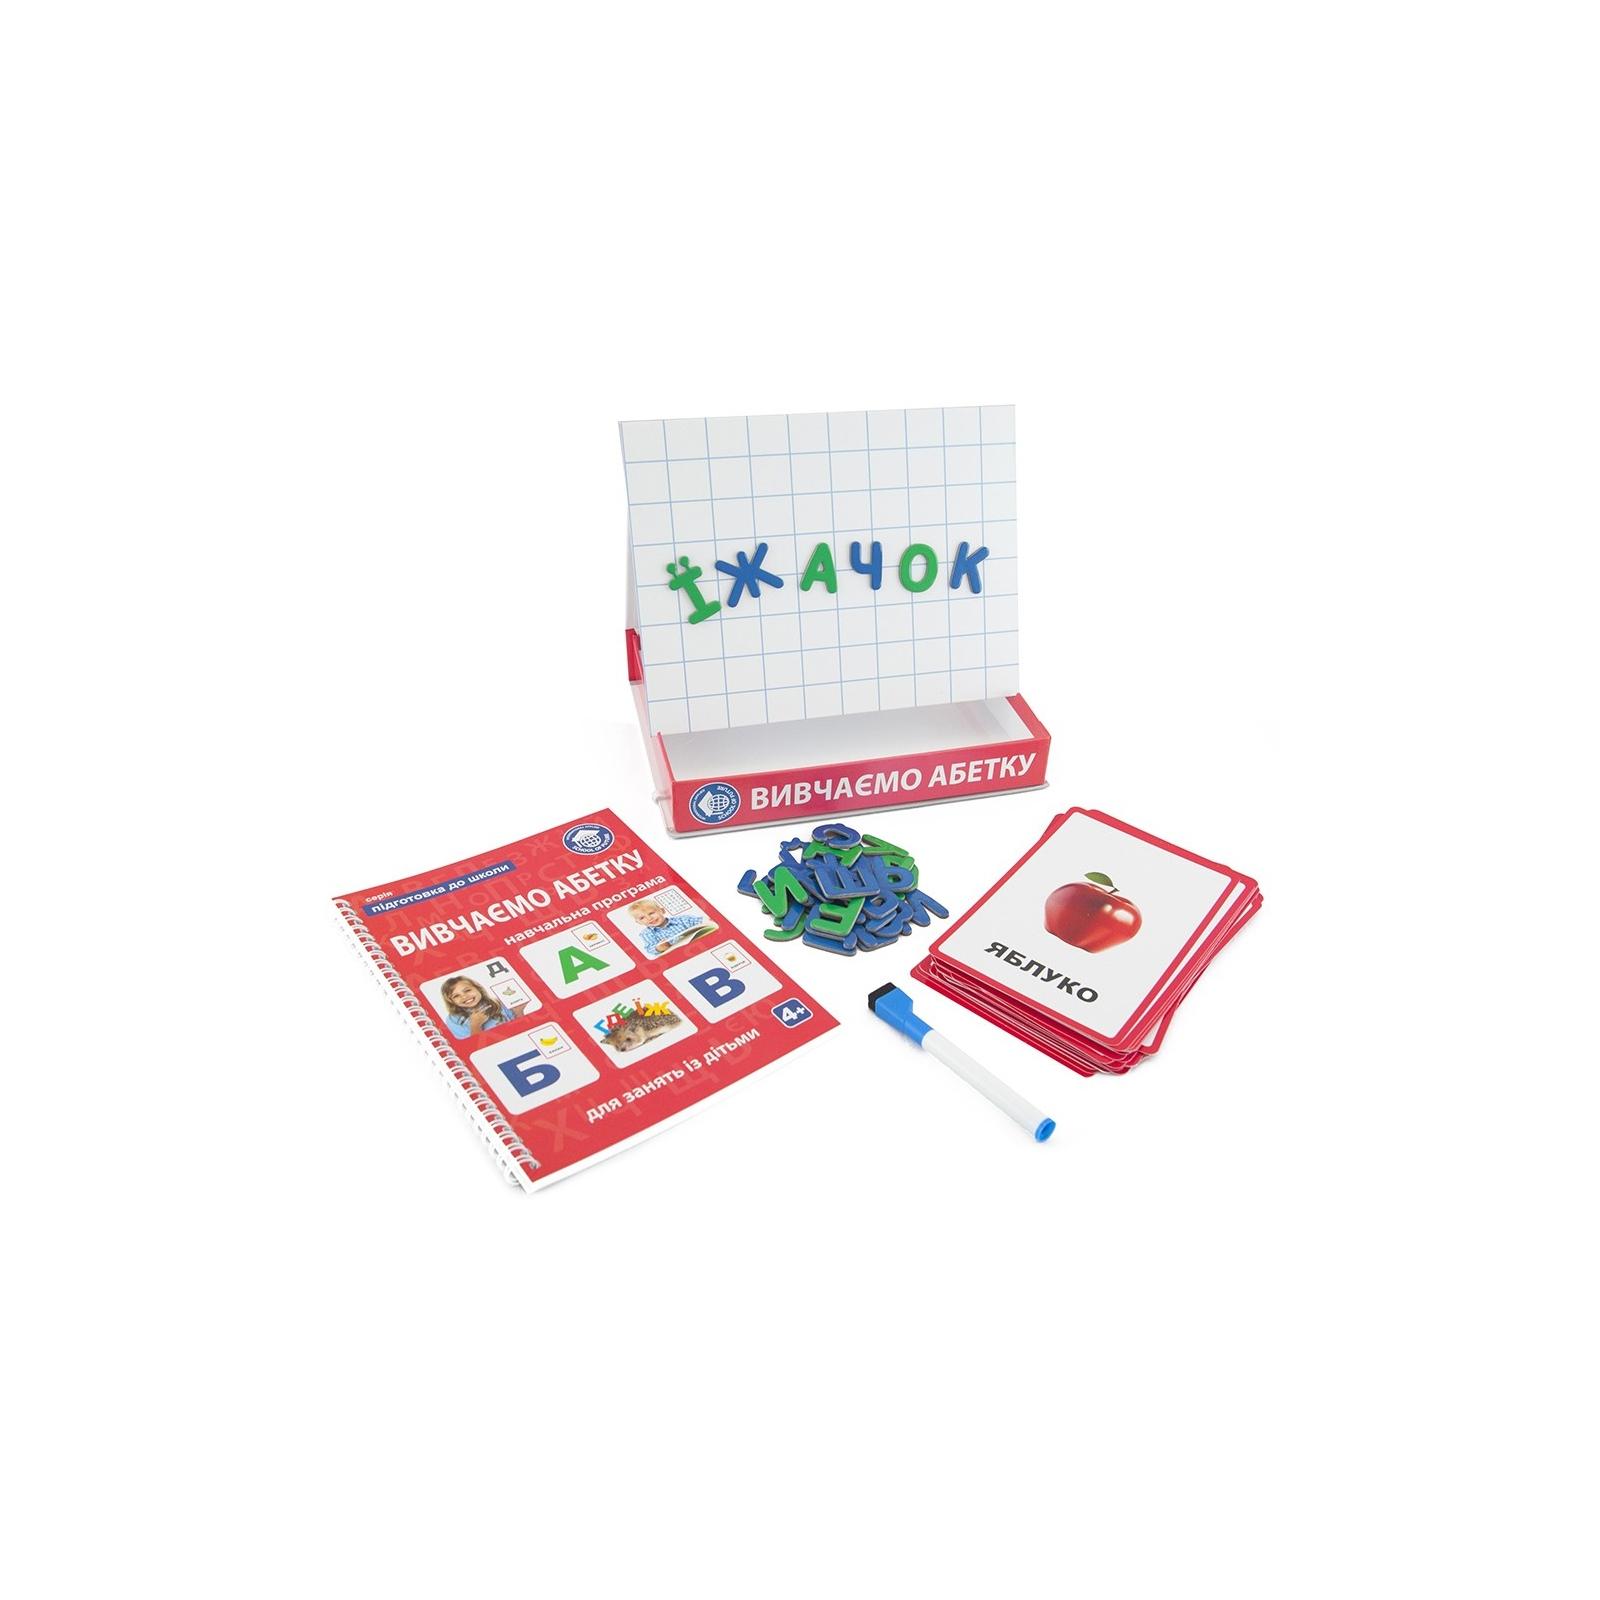 Навчальний набір Школа будущего Підготовка до школи - Вивчаємо абетку (80103) зображення 2